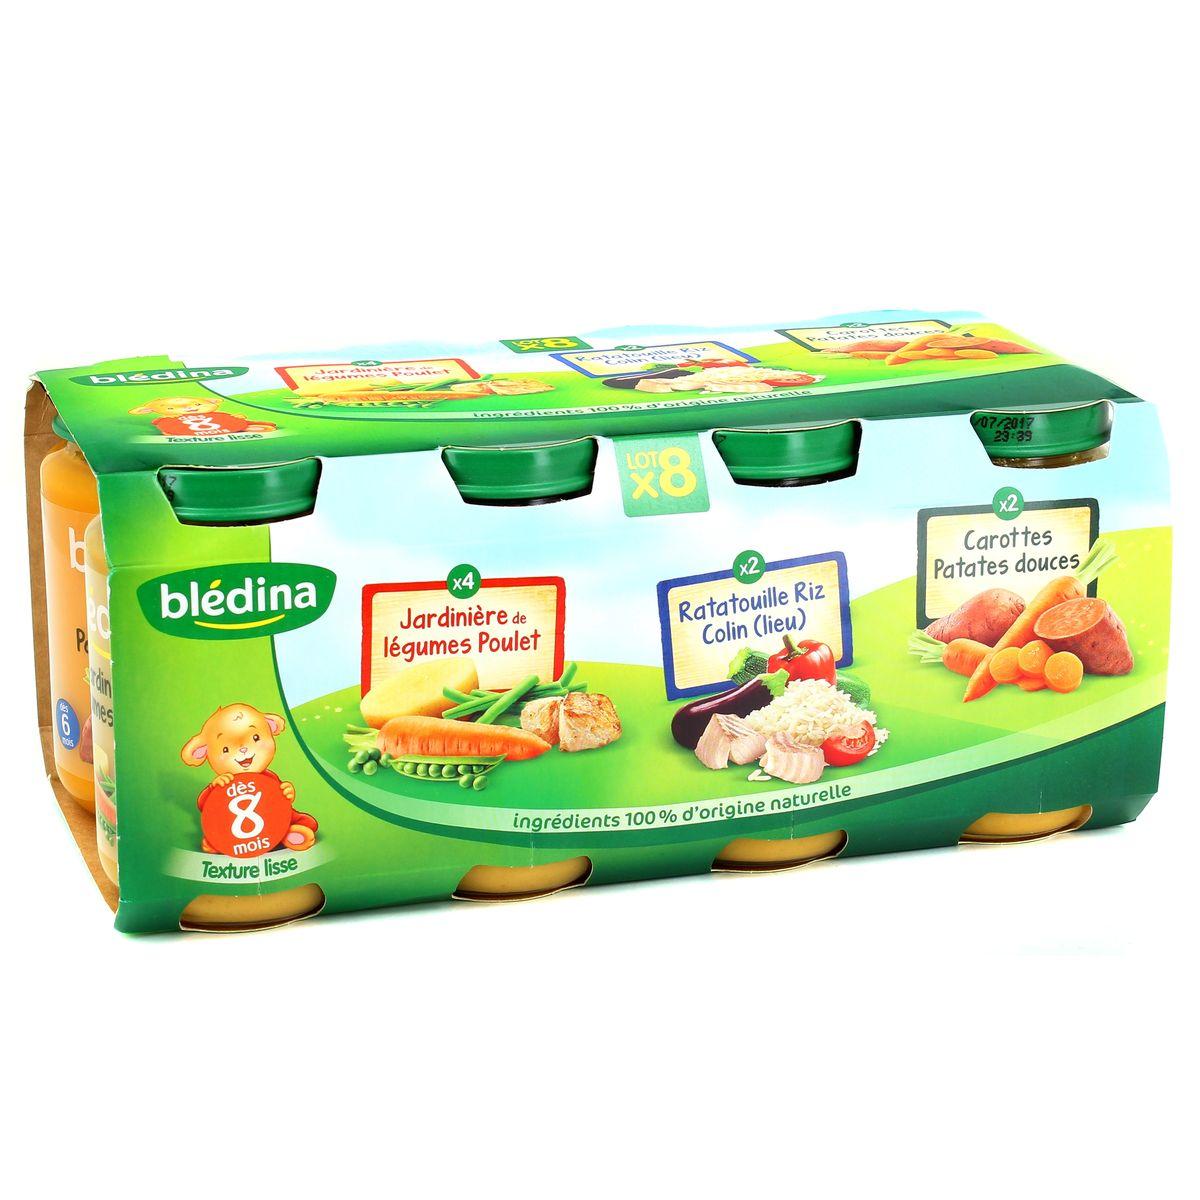 Initier Bébé Au Pot acheter blédina assortiment de petits pots salés dès 8 mois, 8x200g